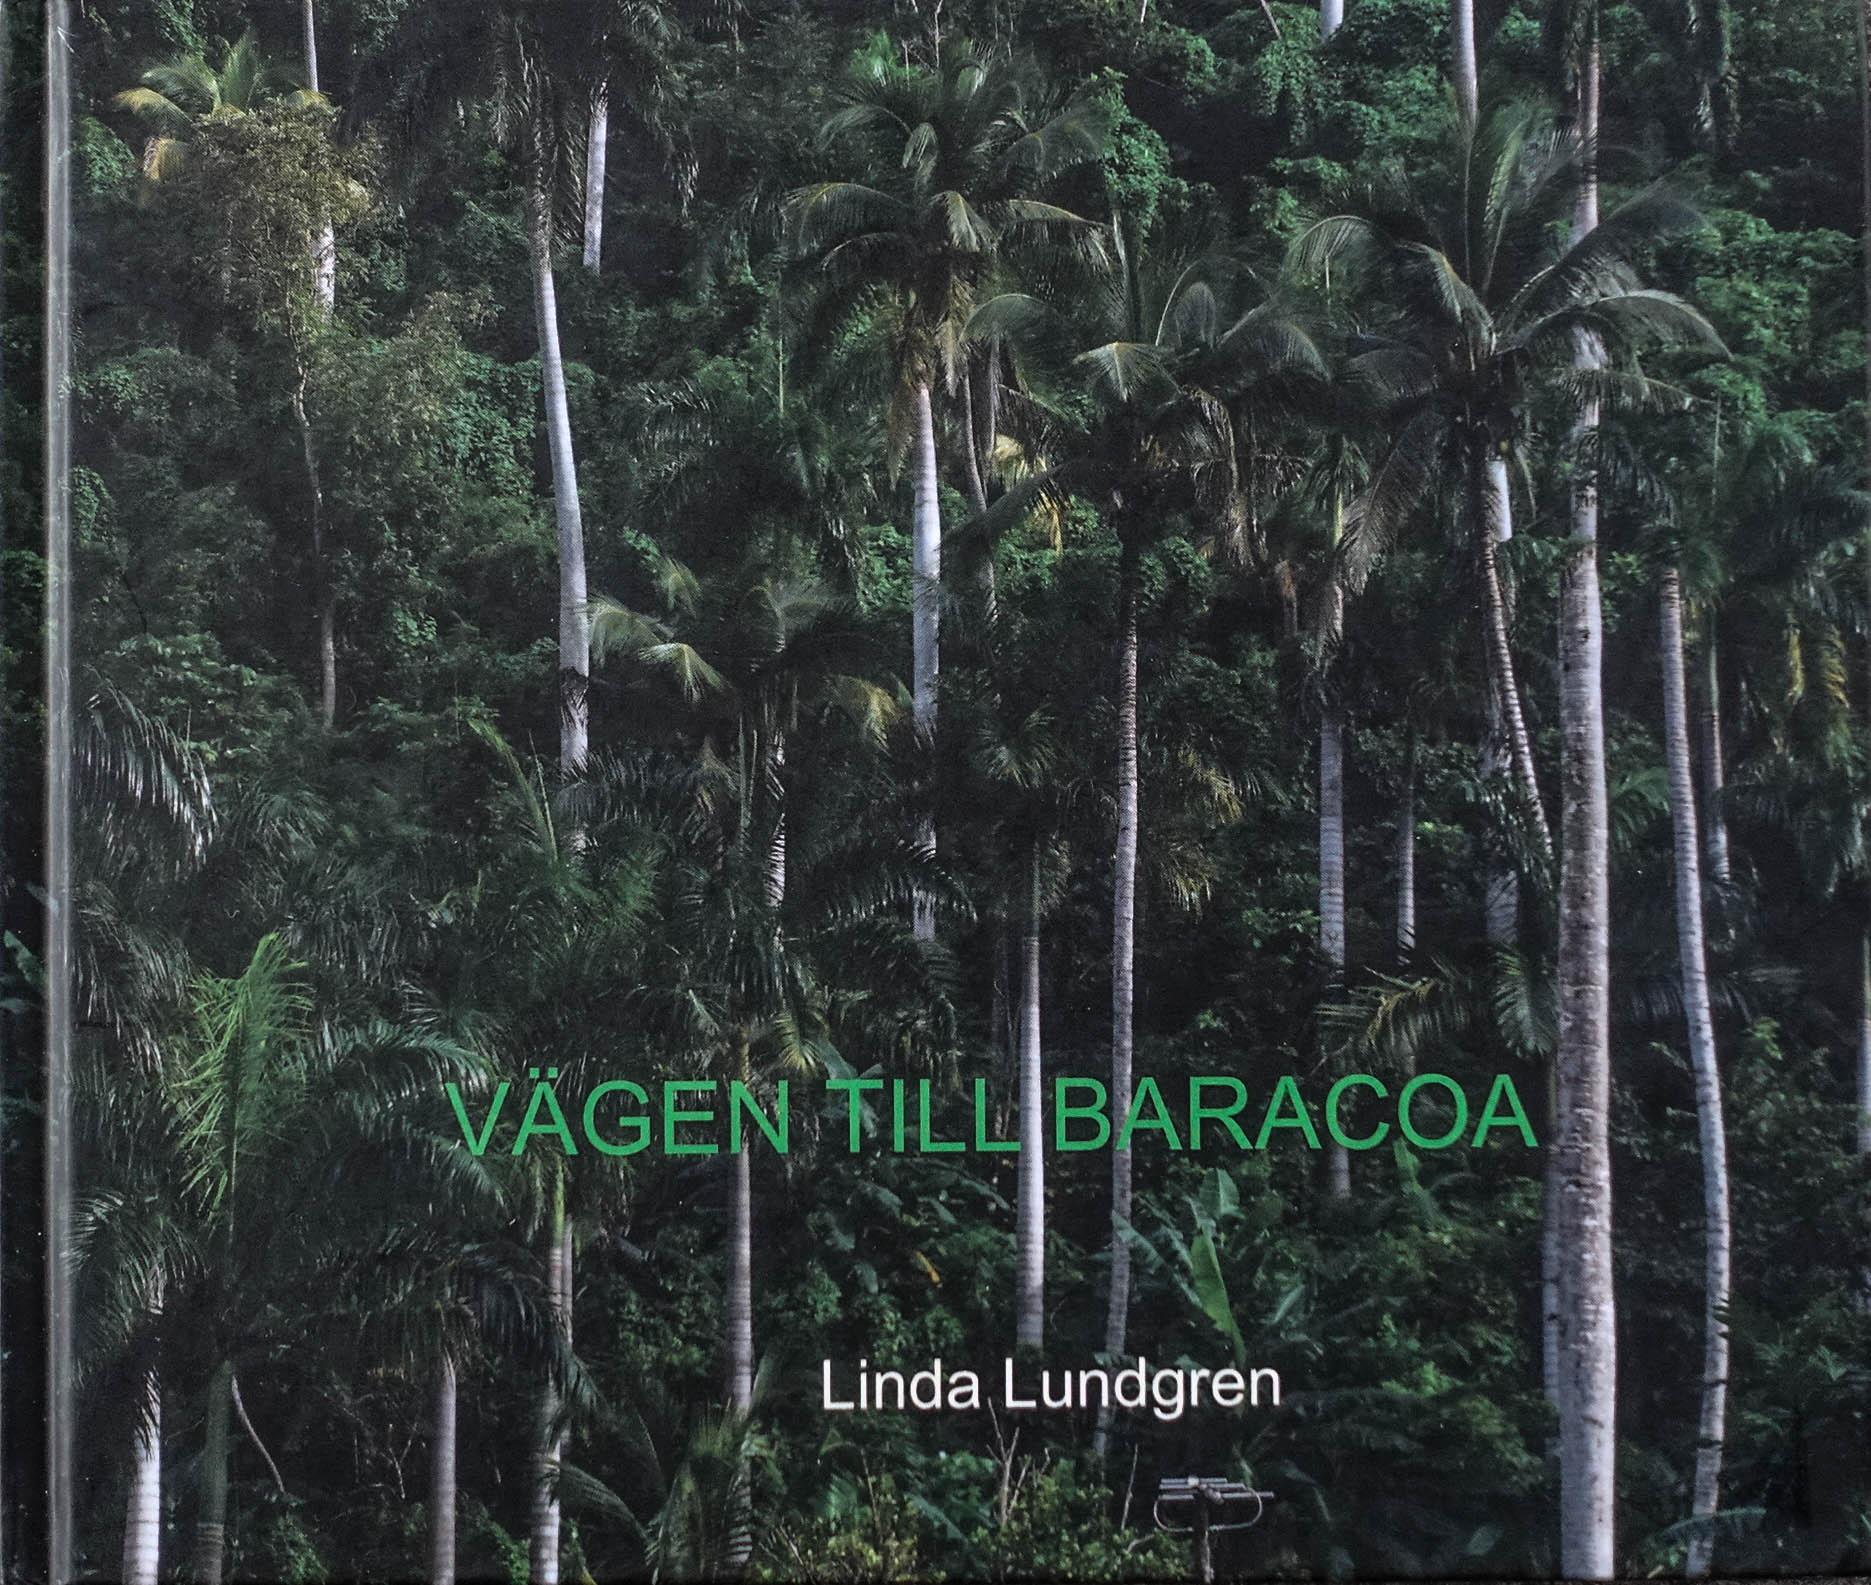 """Linda Lundgren: """"Vägen till Baracoa"""""""